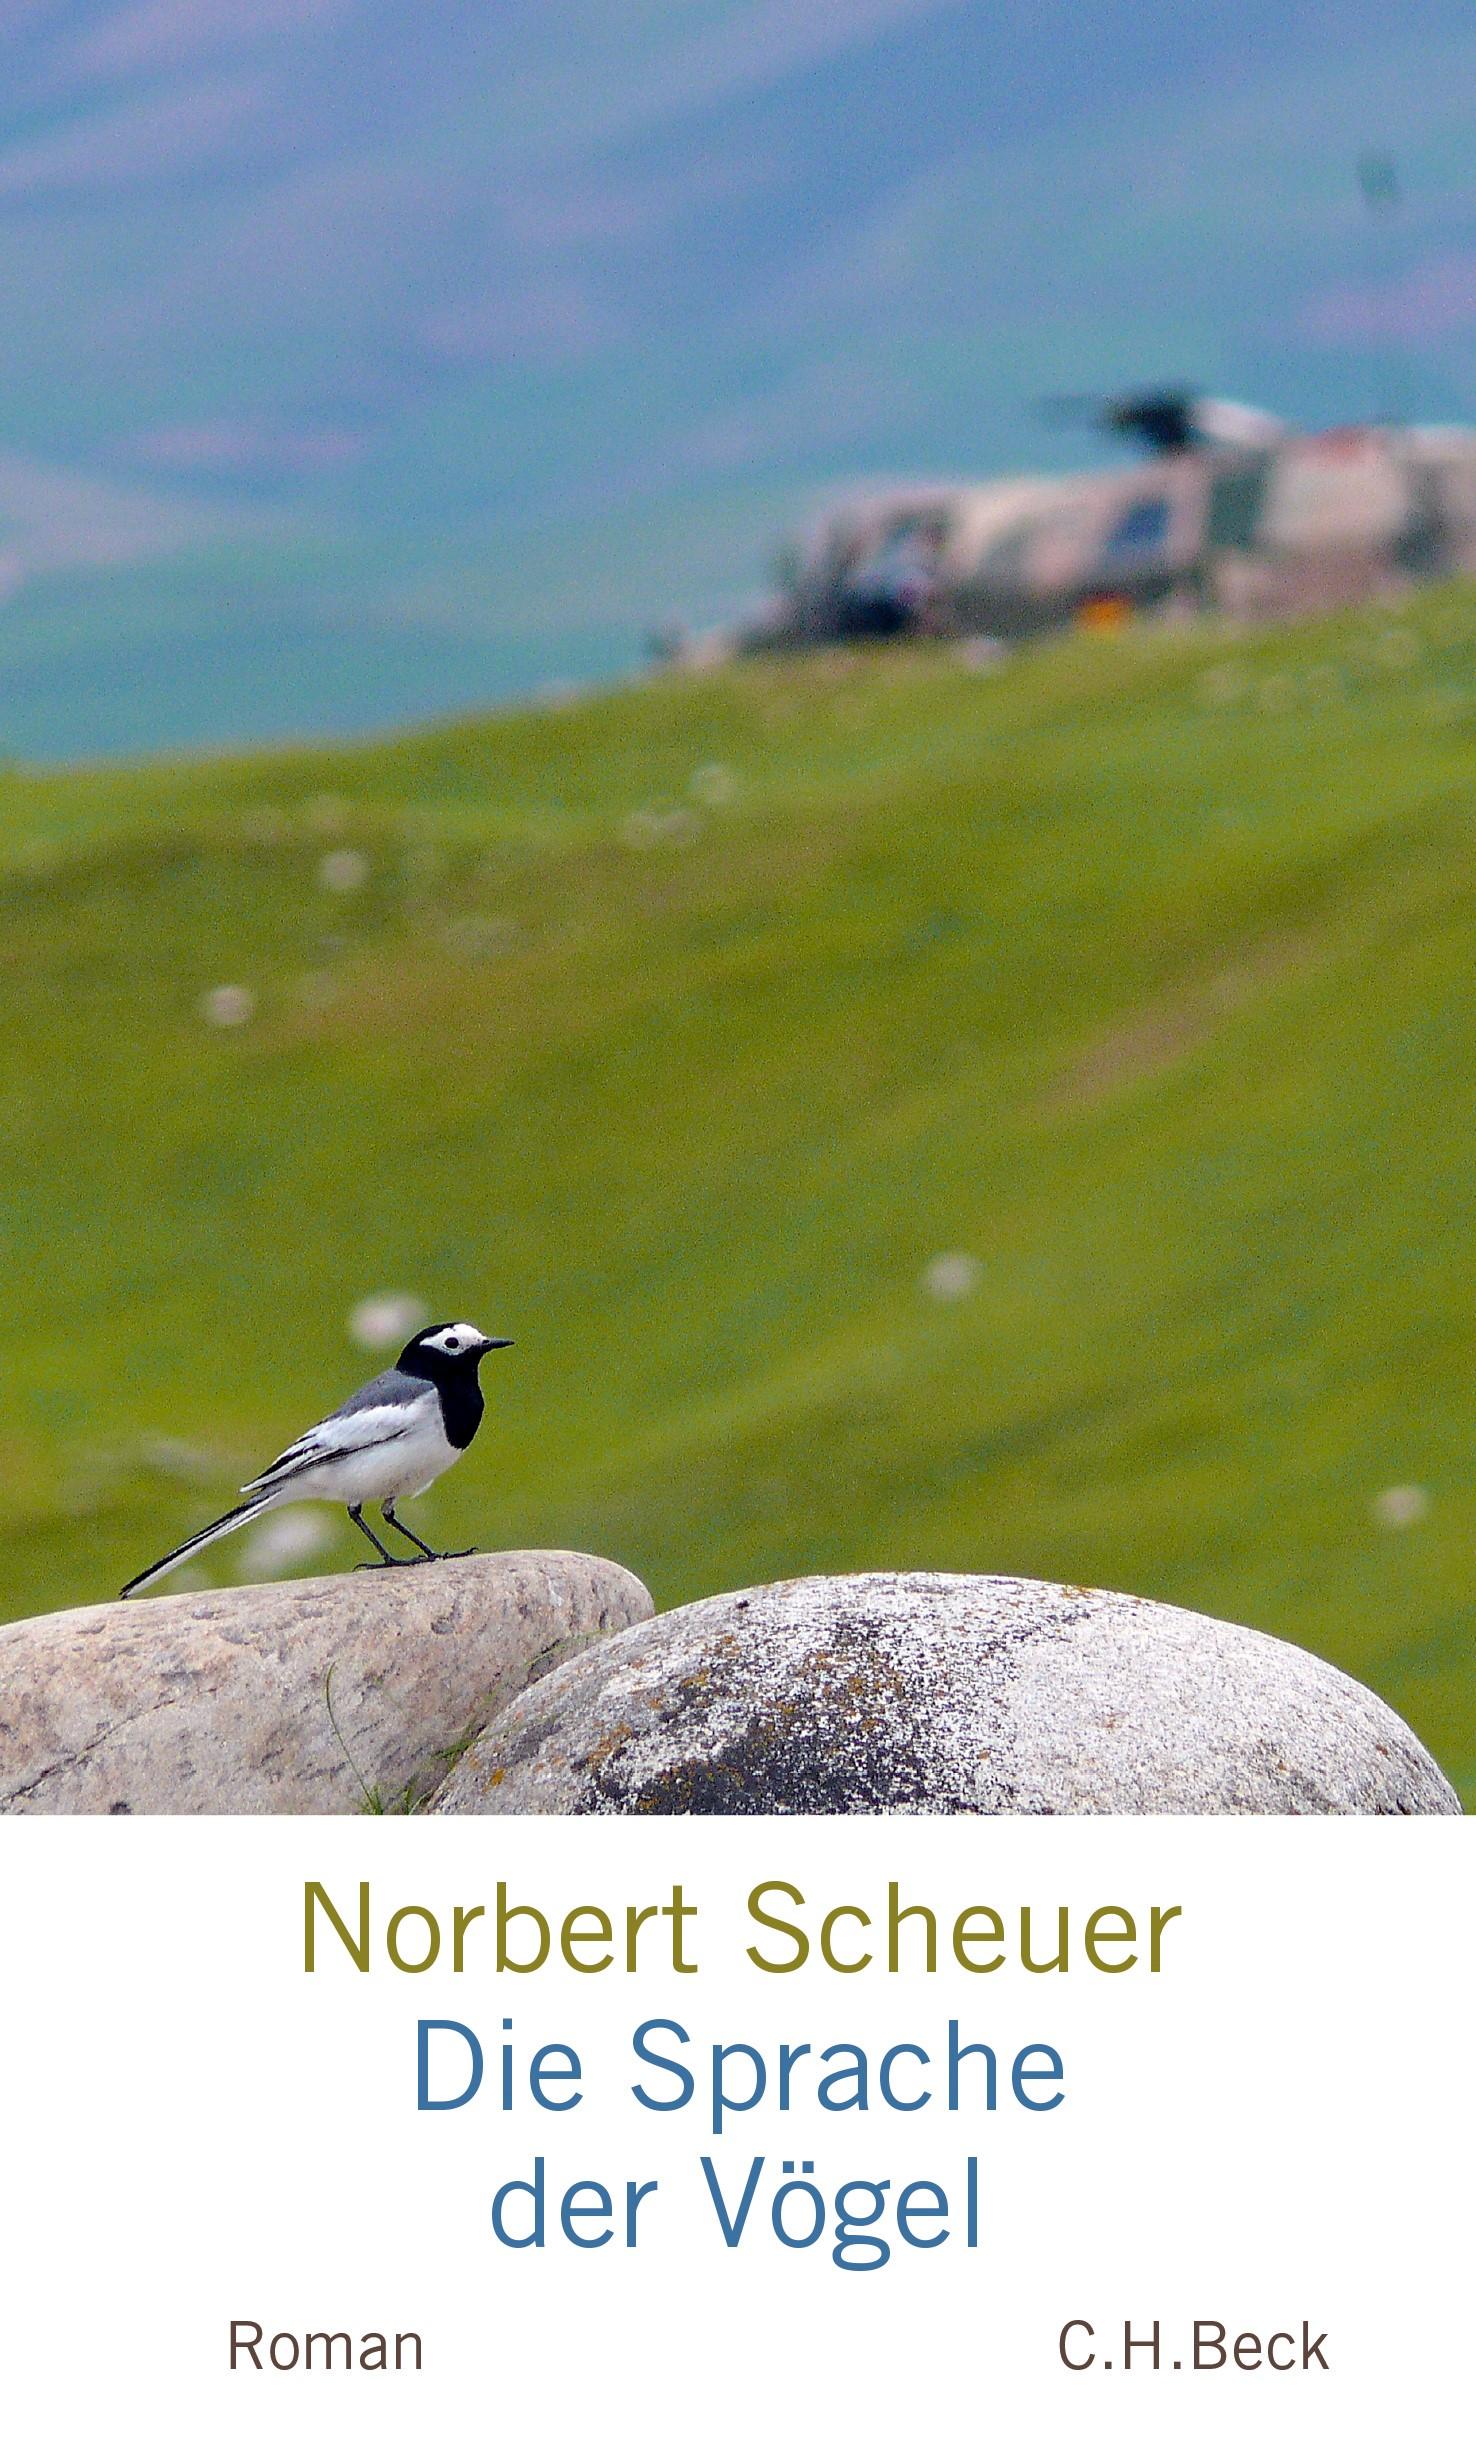 Cover des Buches 'Die Sprache der Vögel'